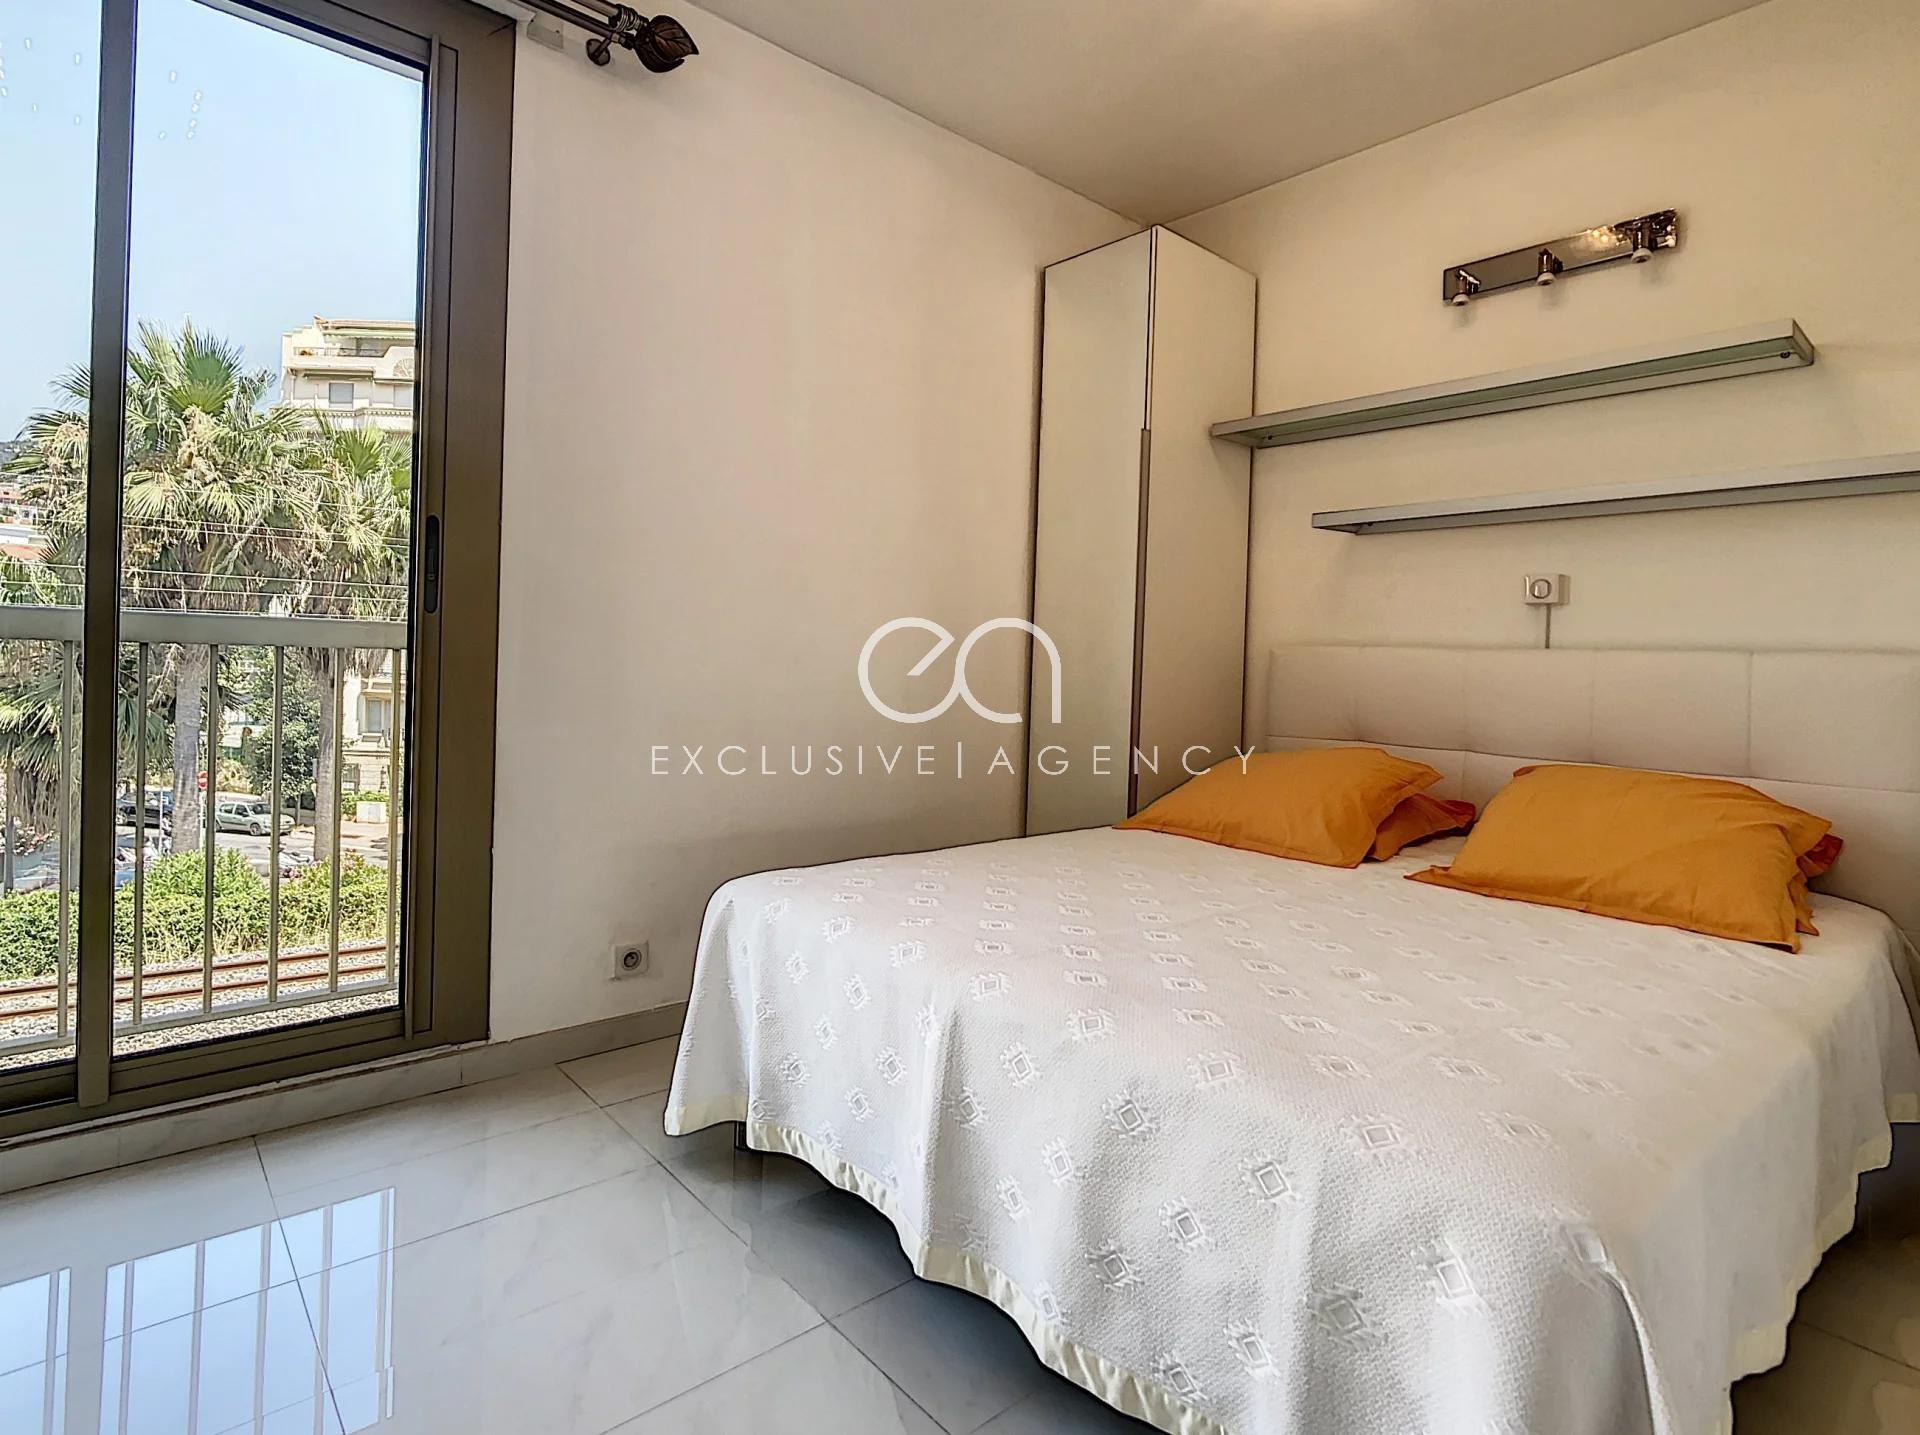 A vendre Cannes Croisette appartement 2 pièces 50m2 vue mer